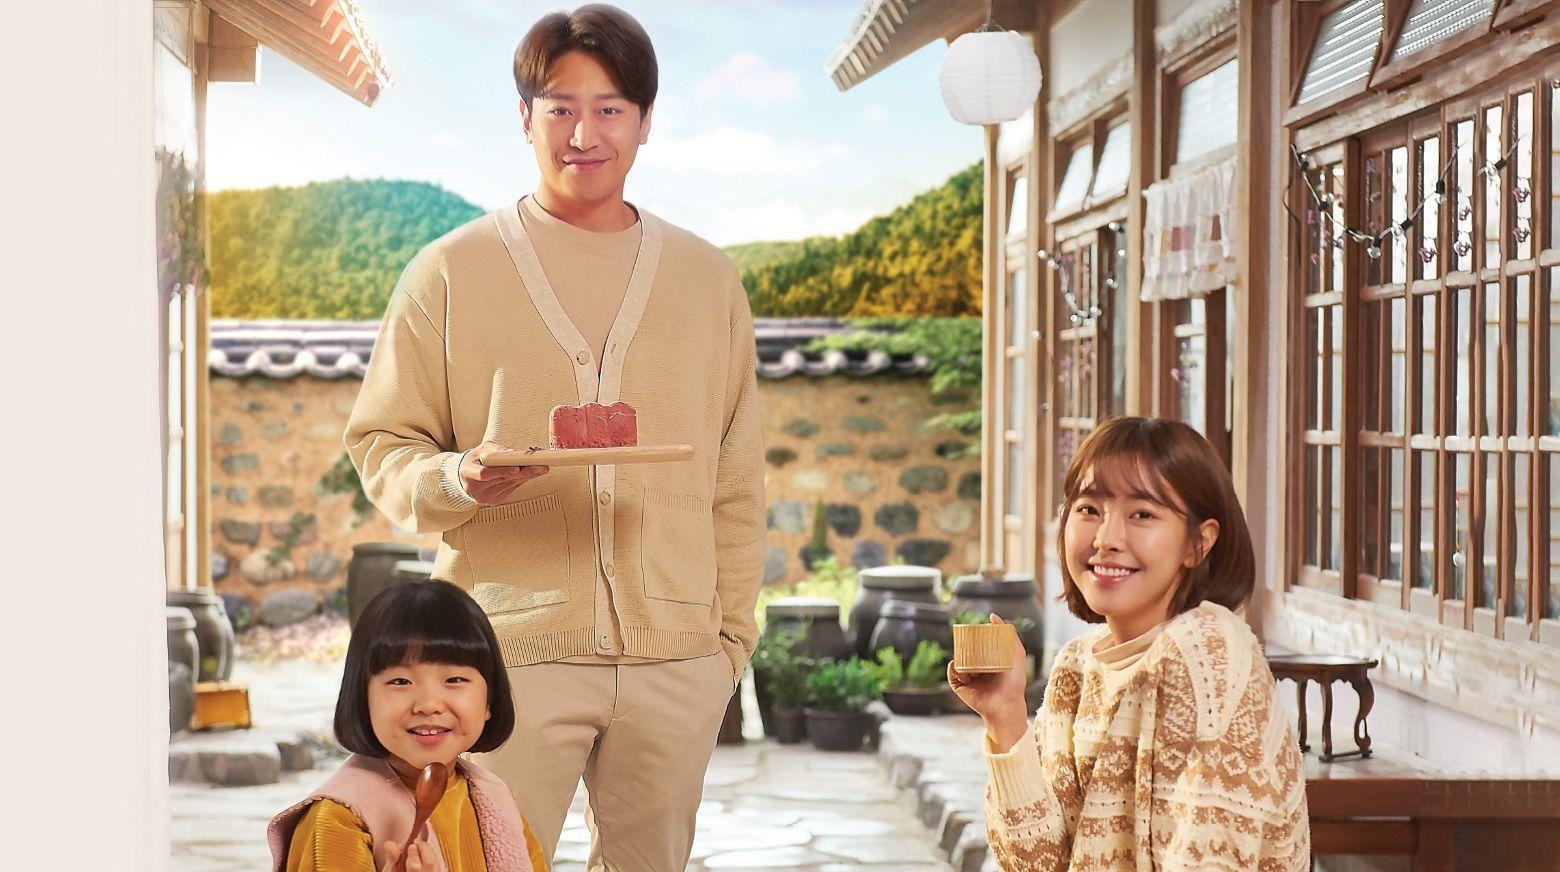 Eccentric Chef Moon Rakuten Viki Movies Worth Watching Romantic Comedy Series Movies